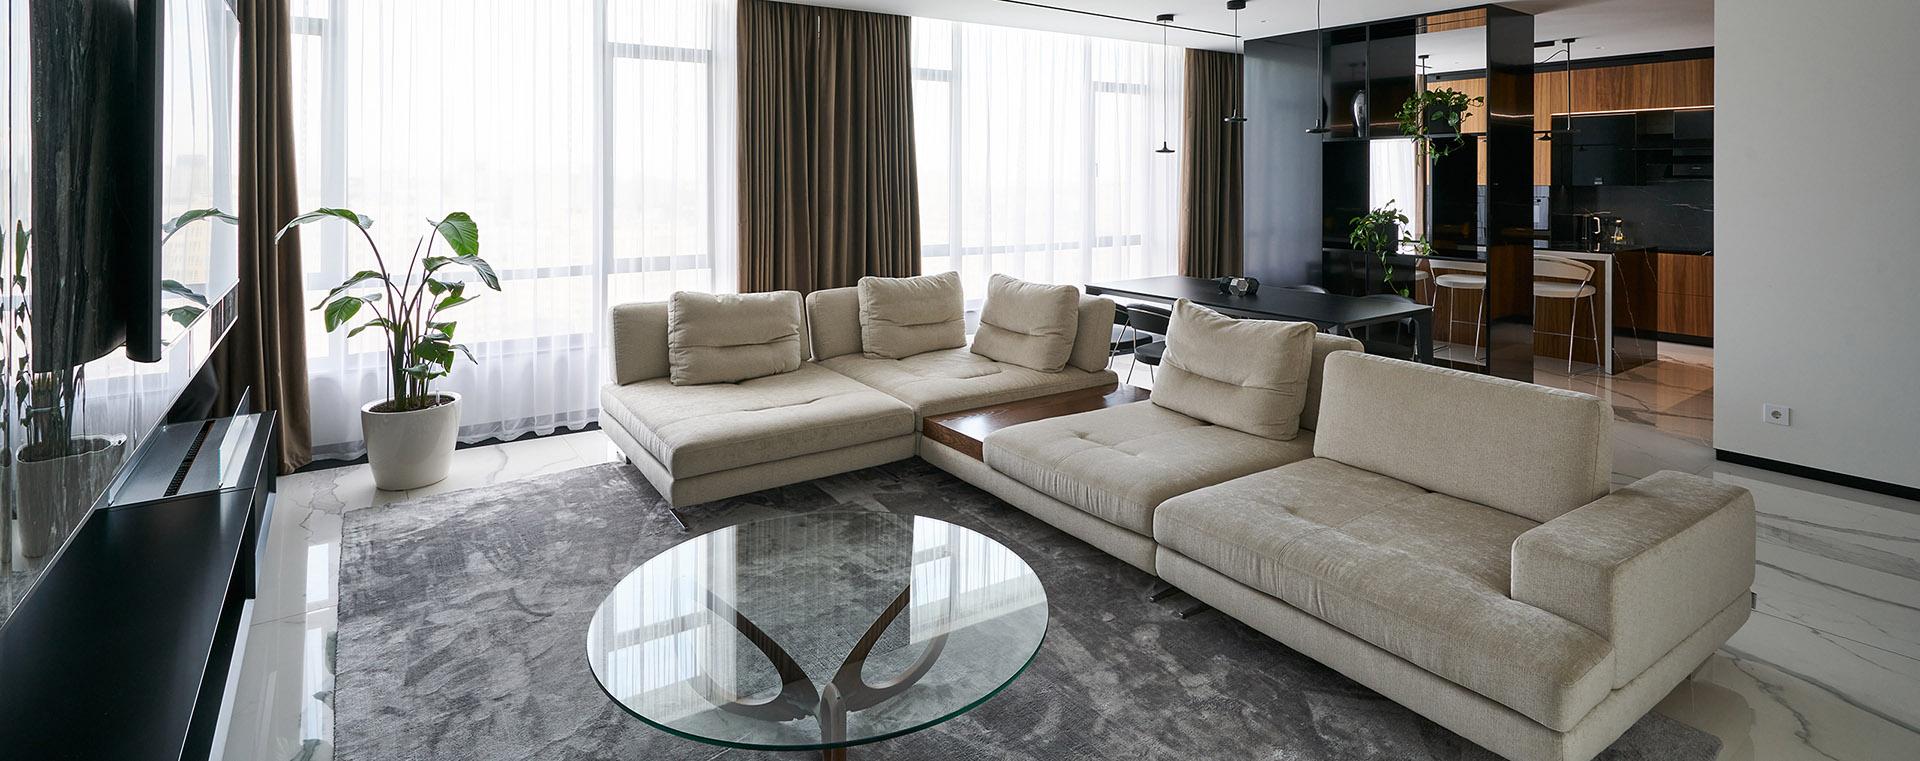 AVG Group інтер'єр апартаментів м. Київ